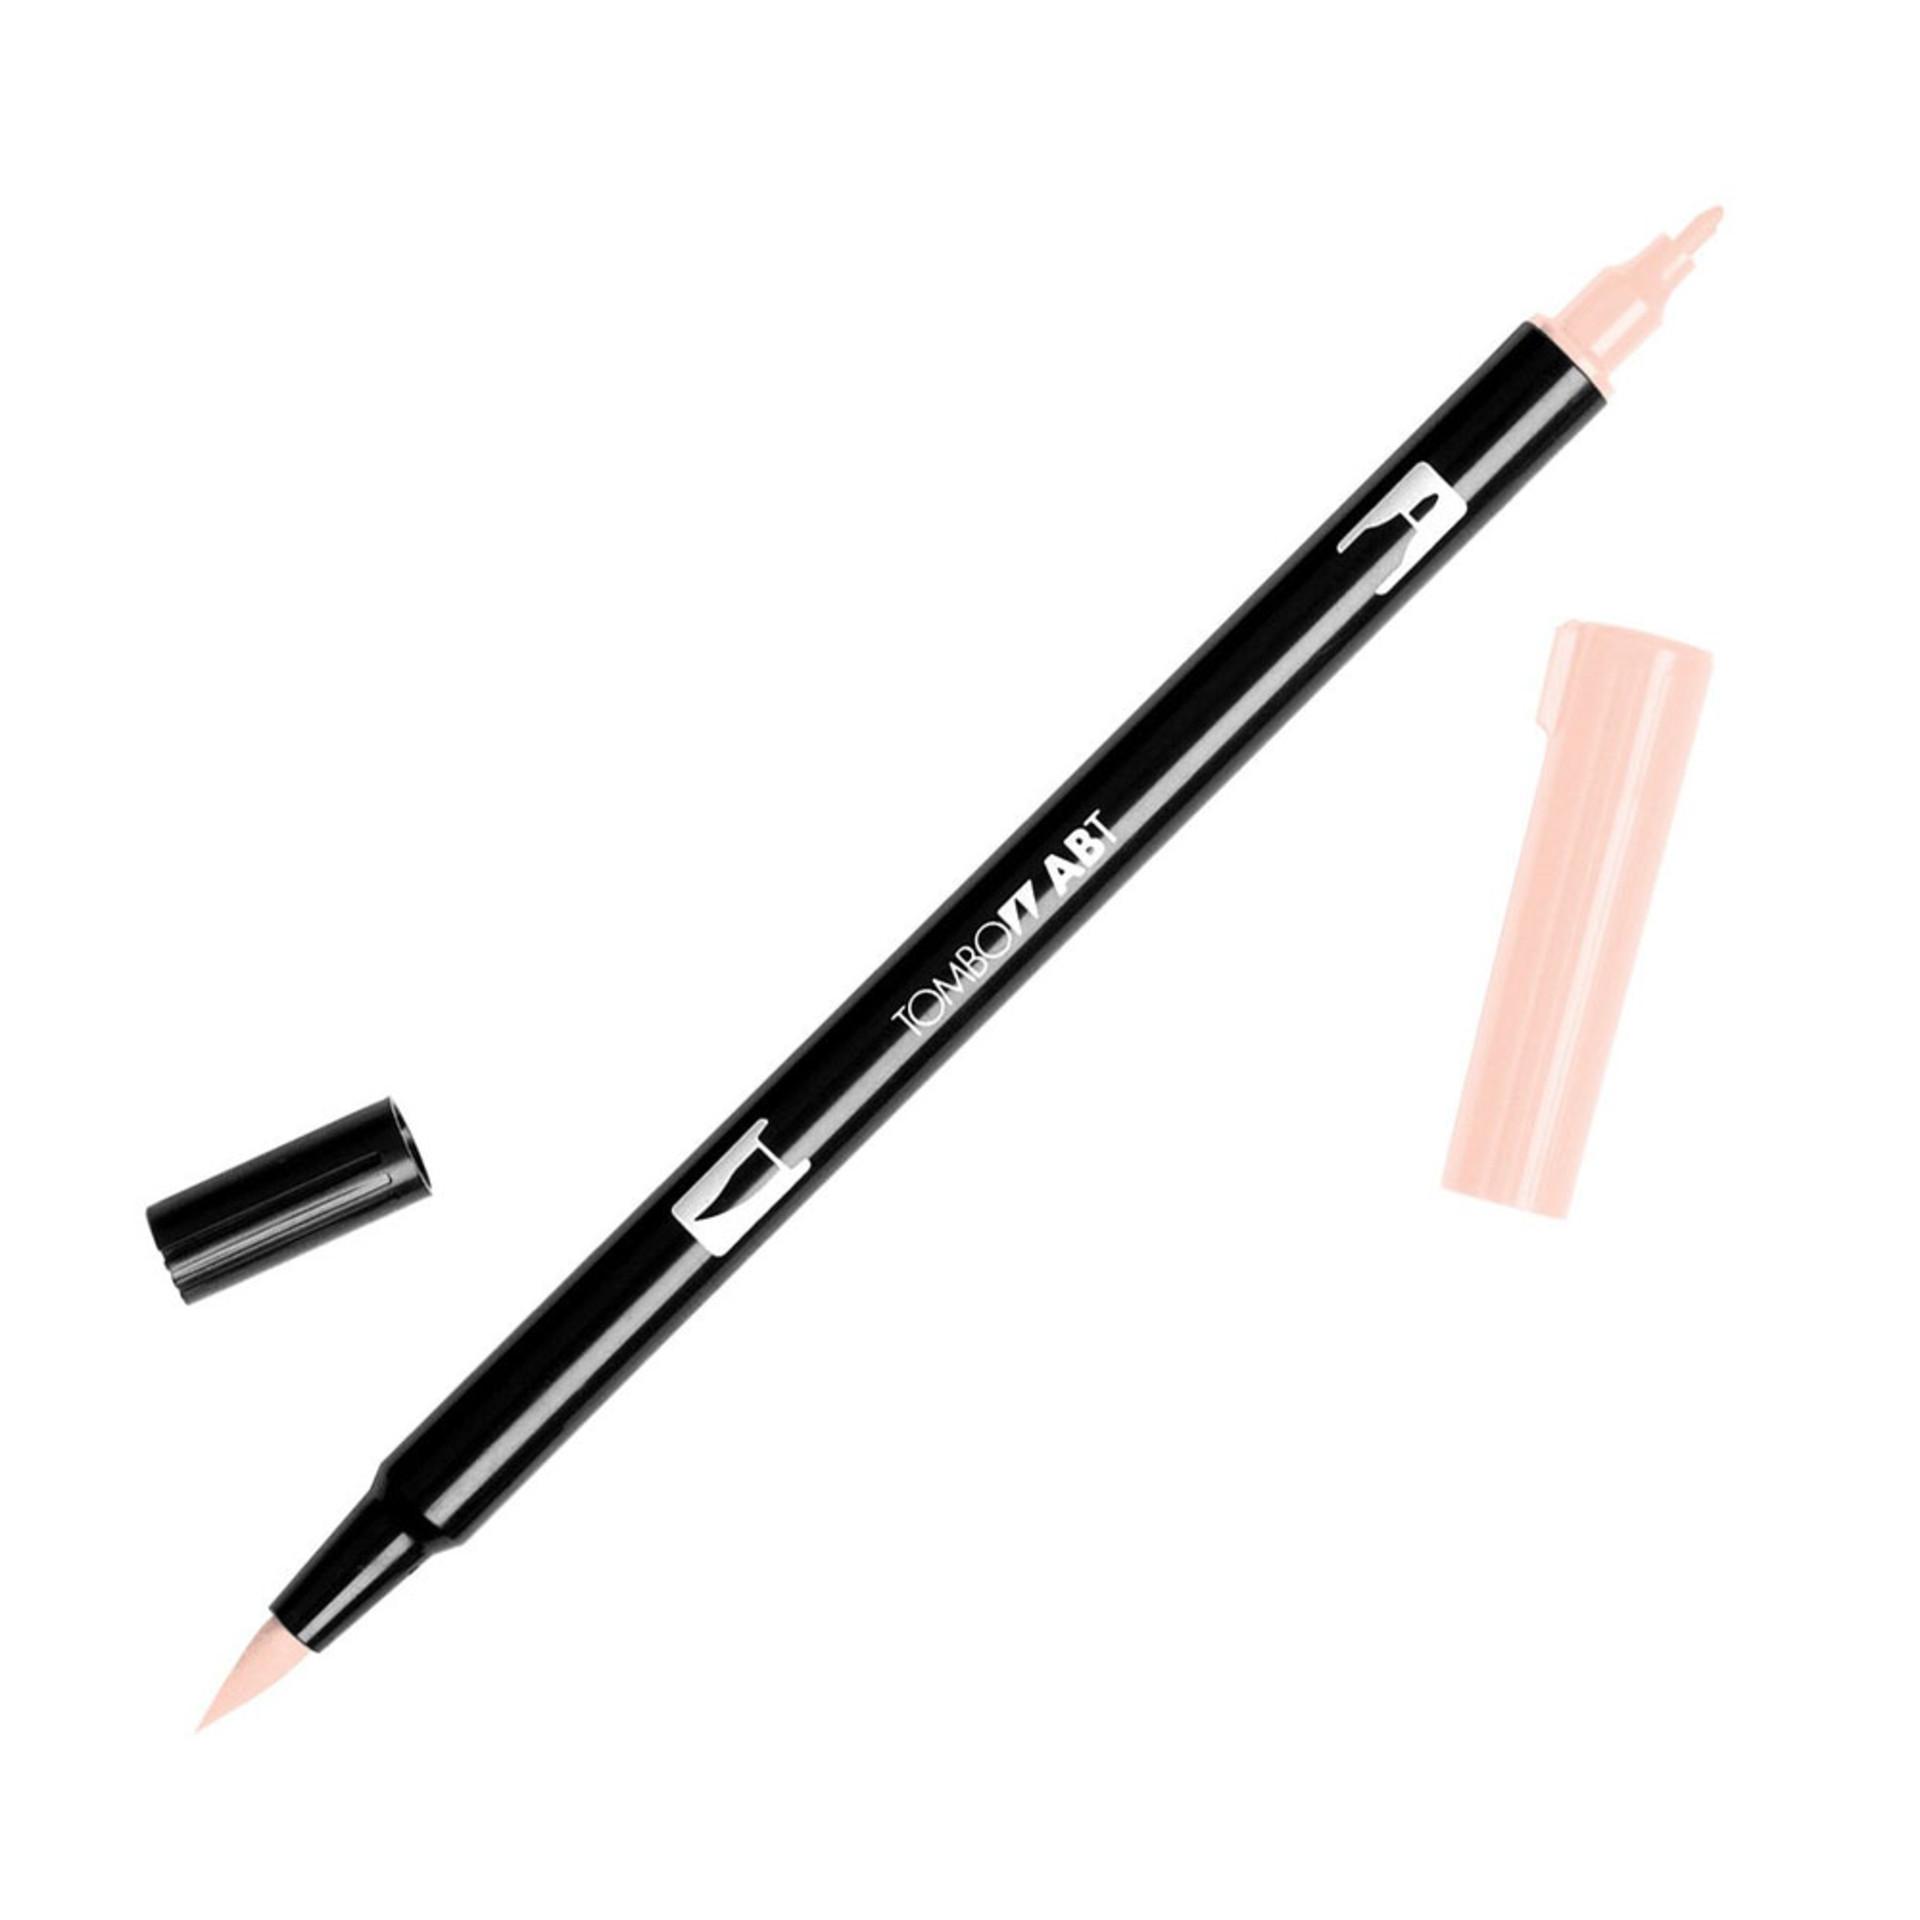 Tombow Dual-Tip Brush Marker Pen – Flesh